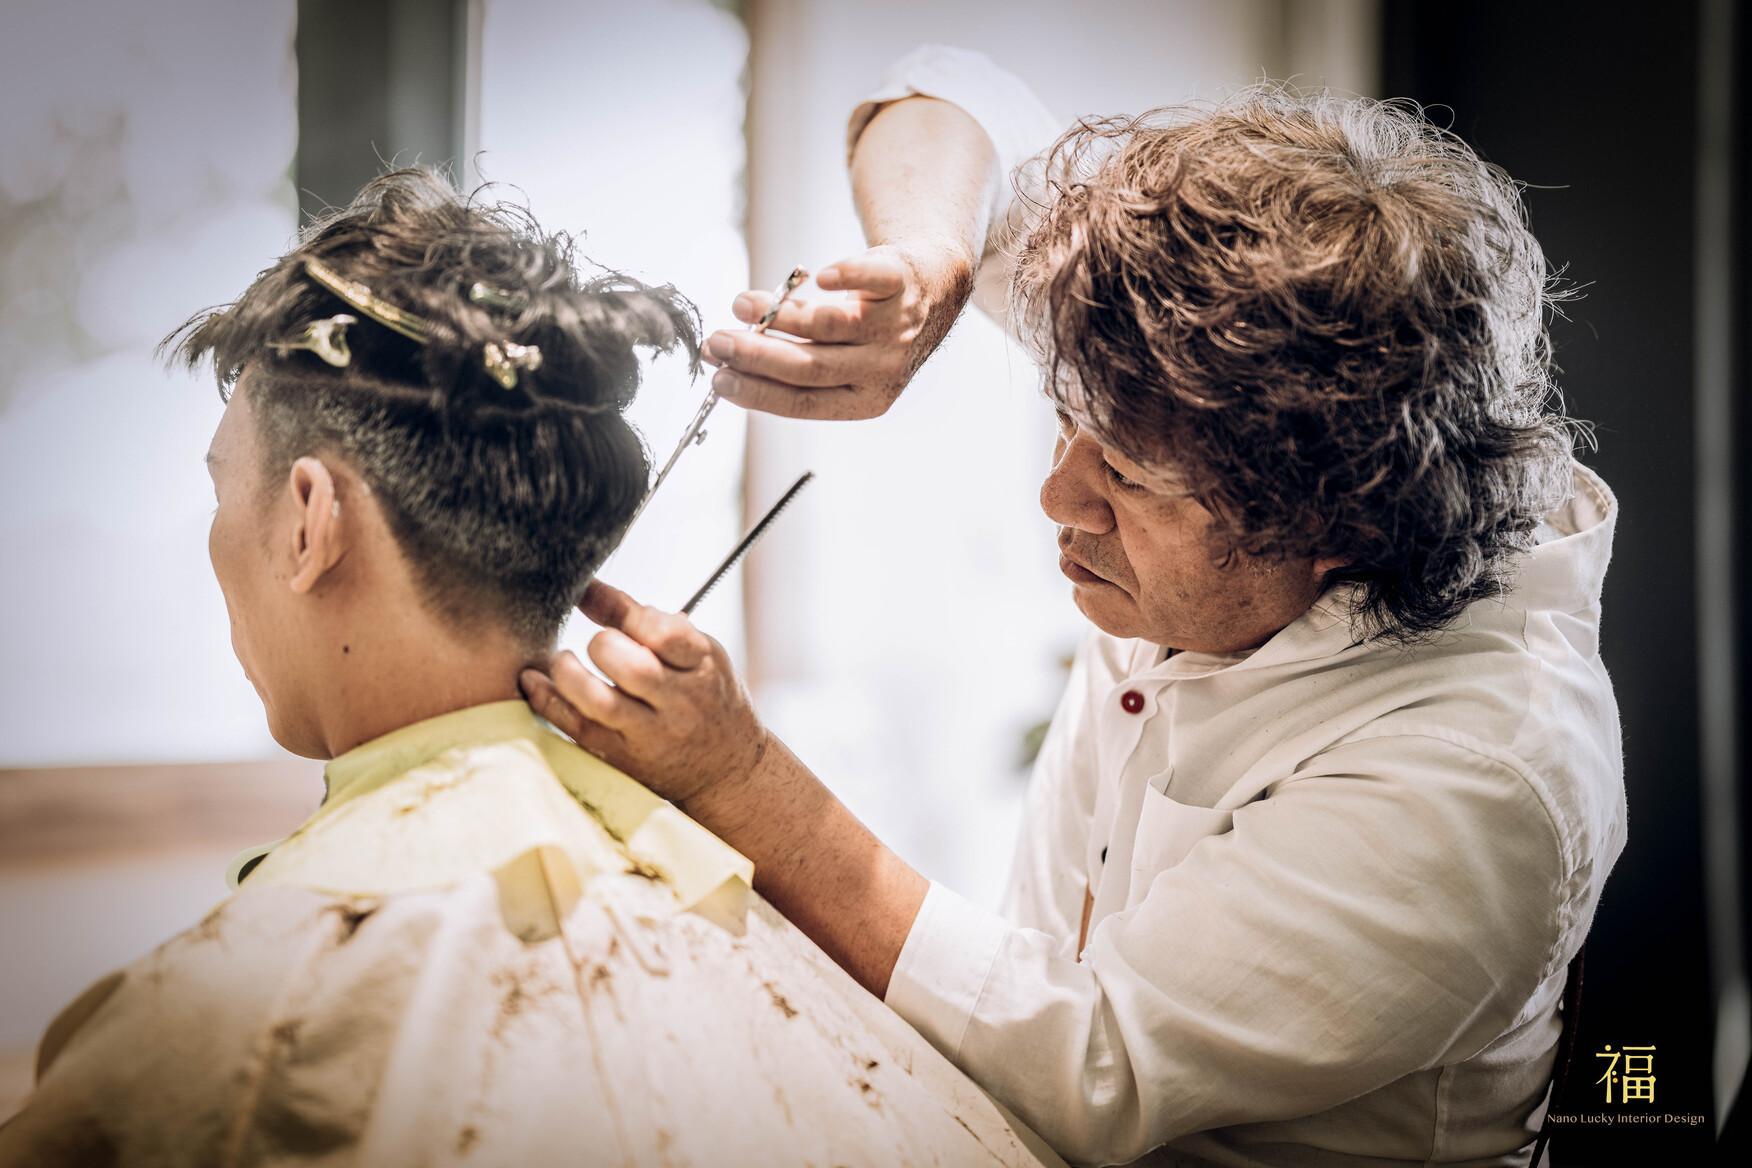 08嘉義太保日系髮廊lislushairsalonstory-純正日式手藝美髮沙龍3|小福砌商業美髮沙龍空間設計